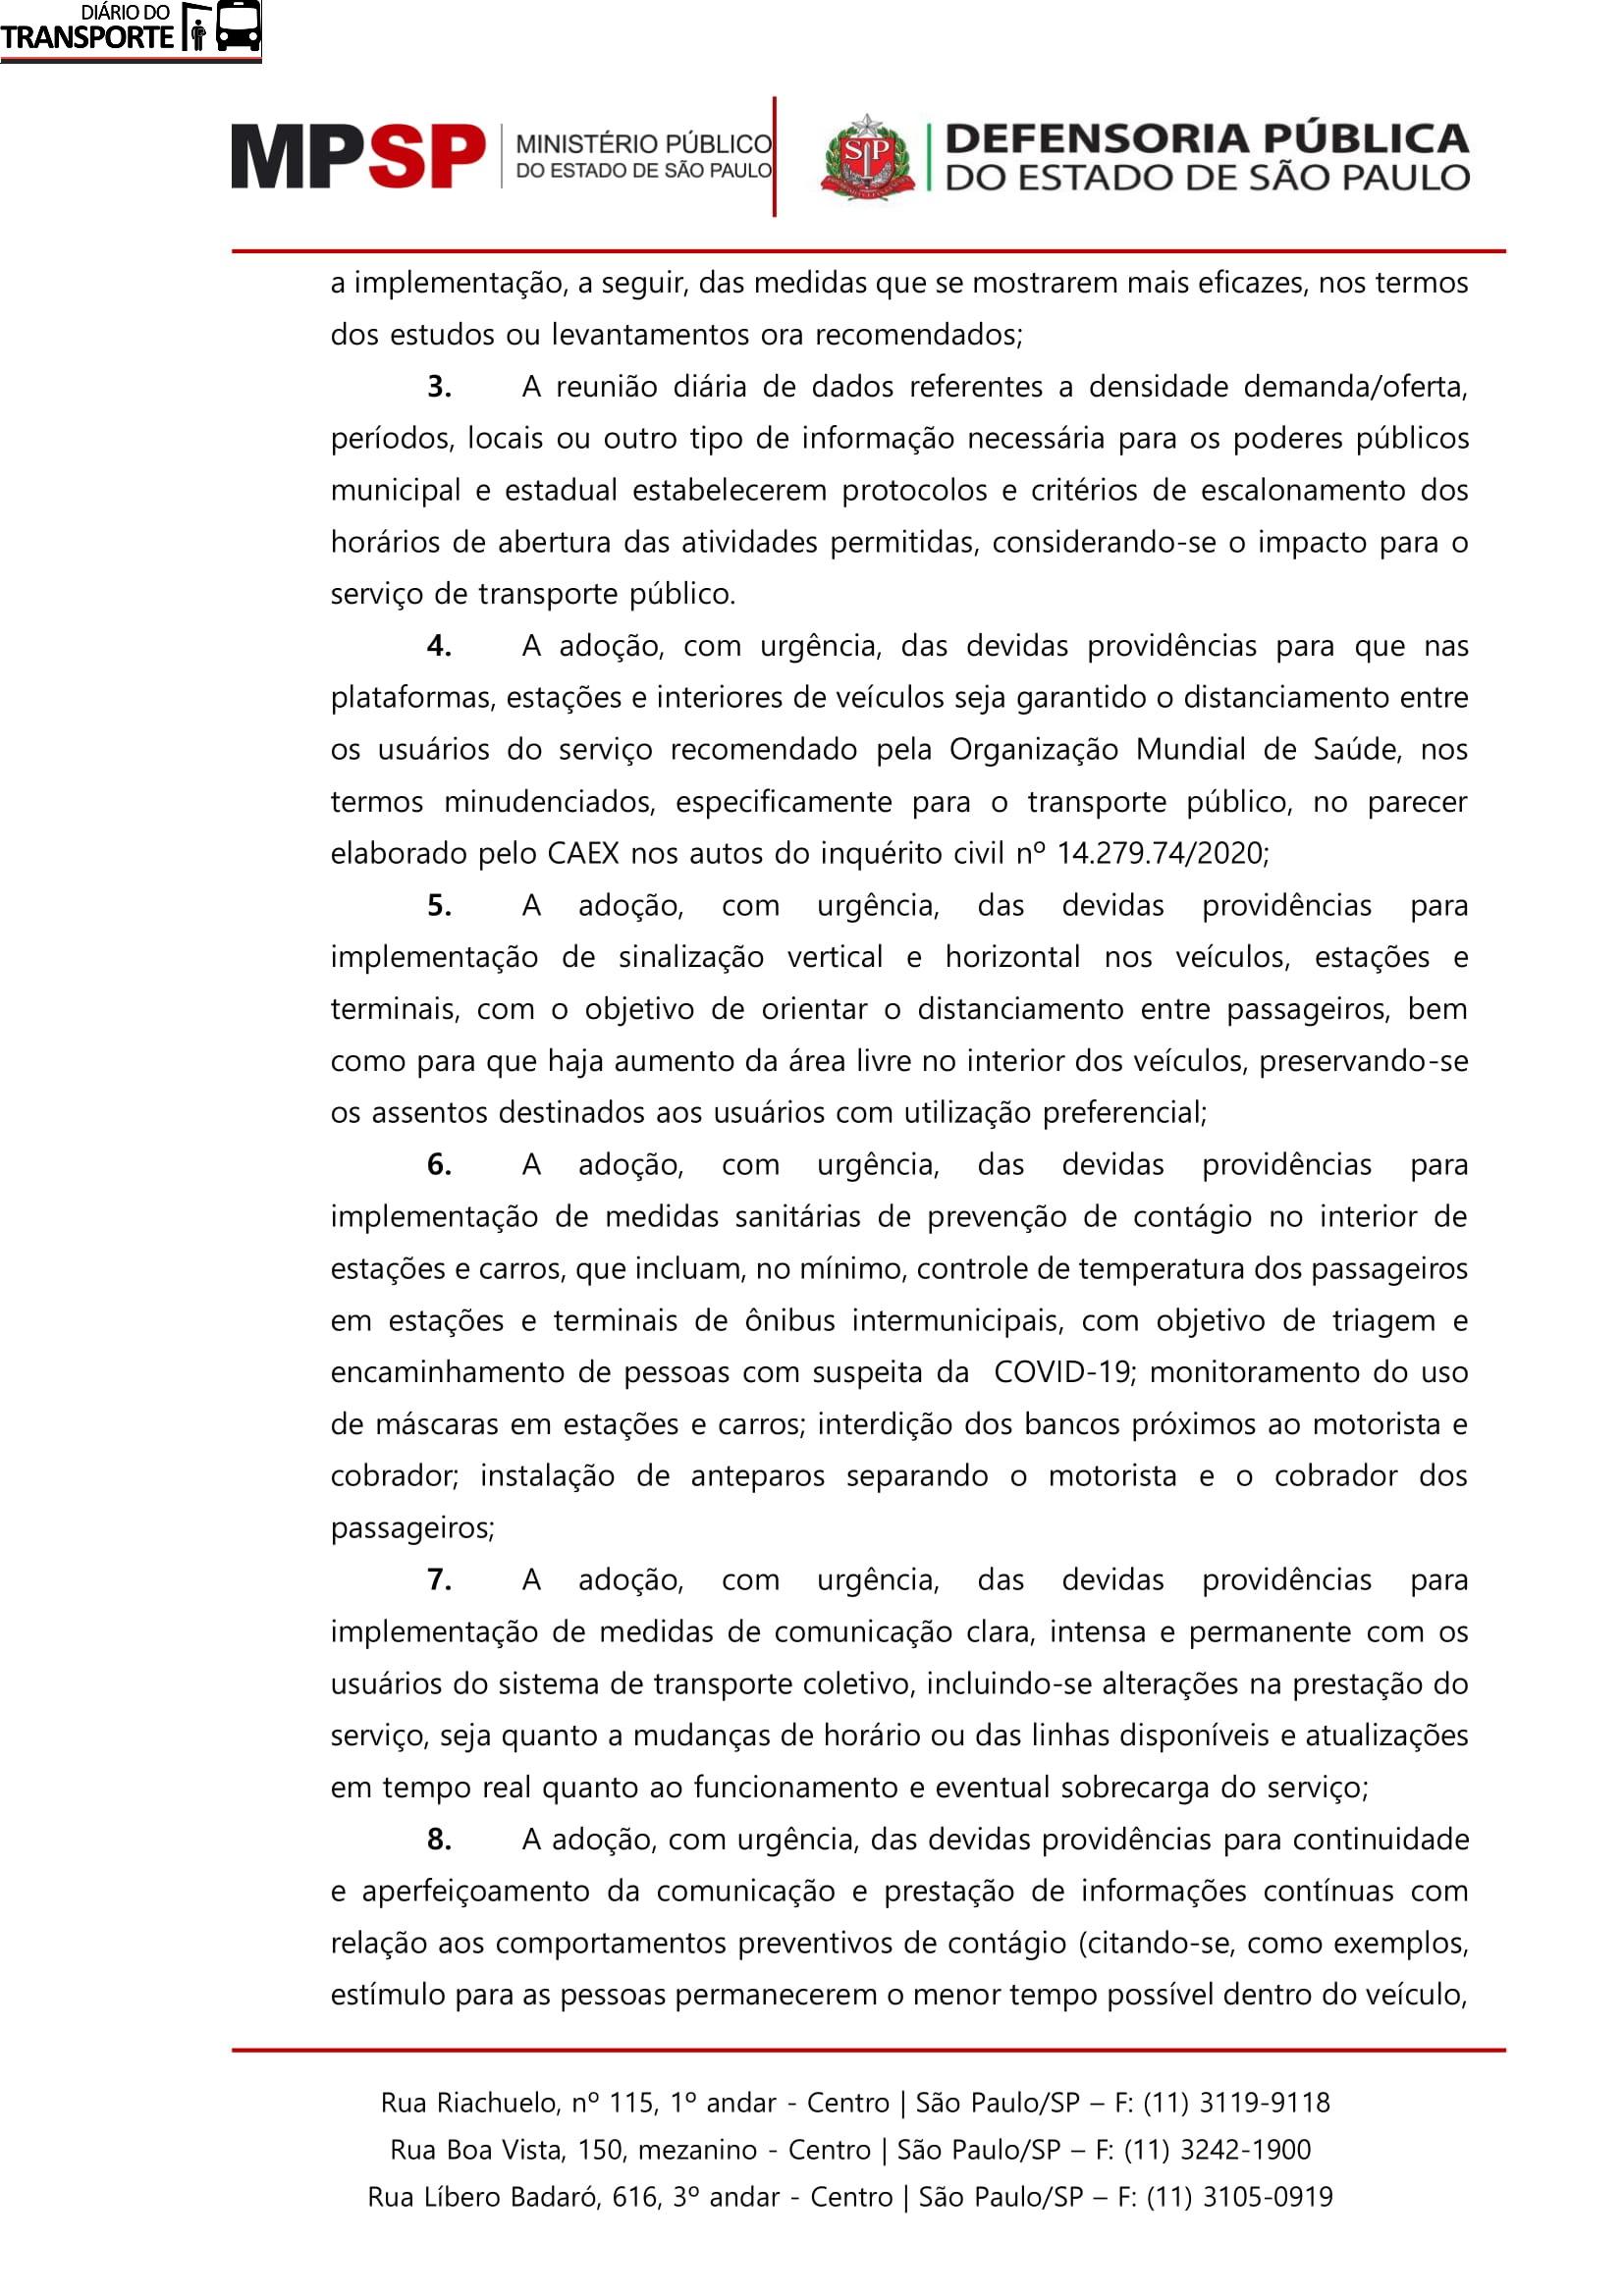 recomendação transporte_EMTU-11